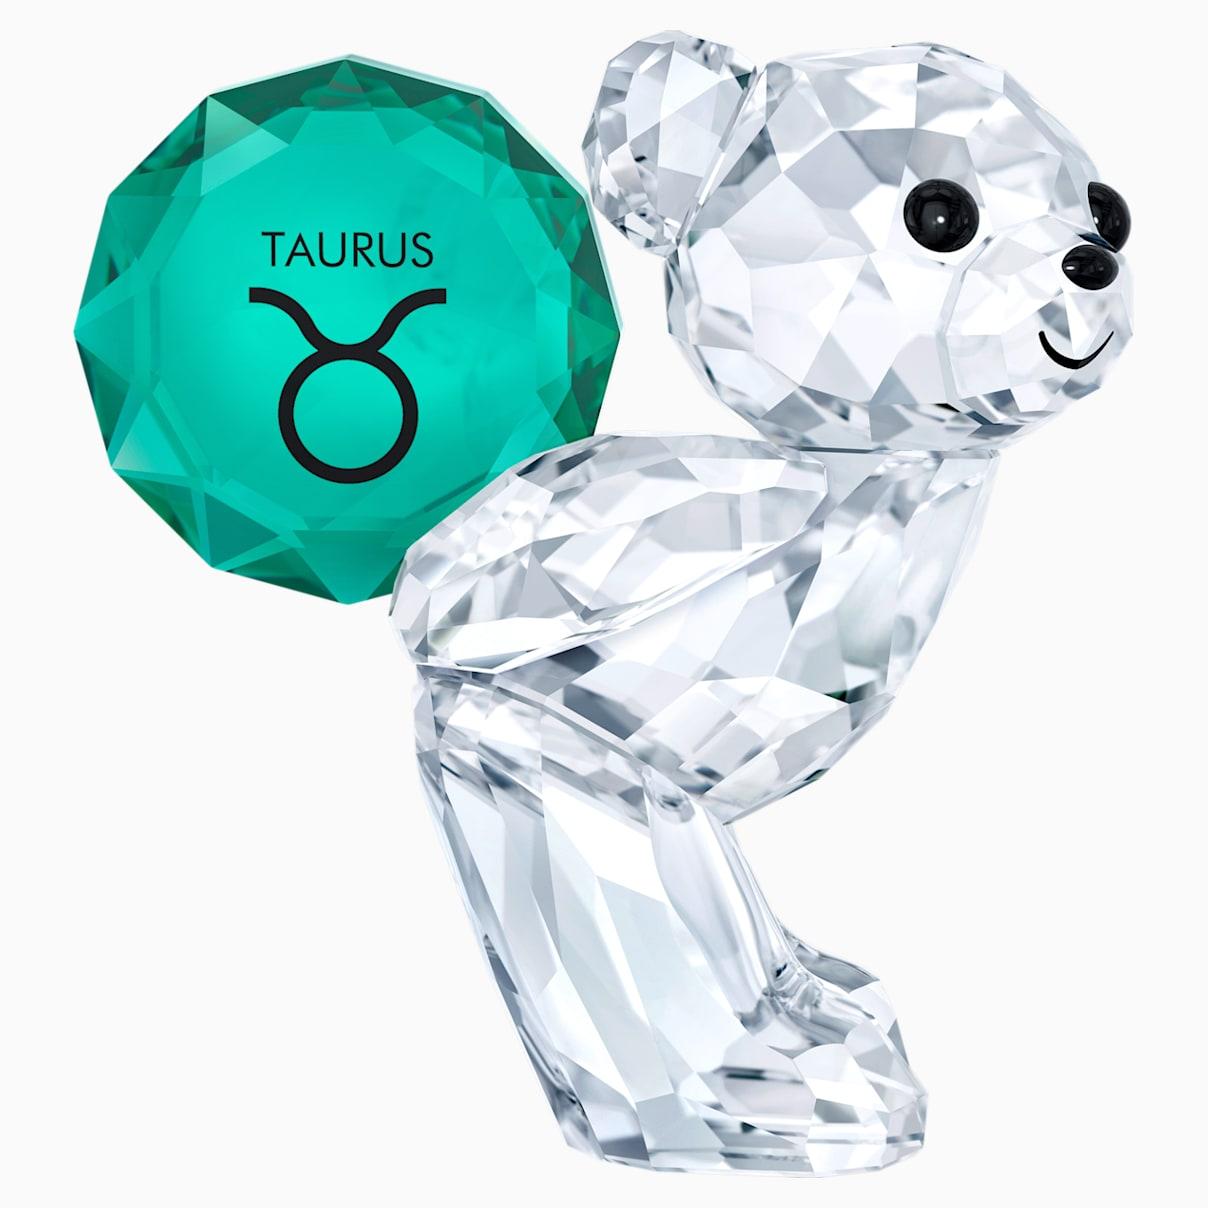 Swarovski Kris Bear - Taurus